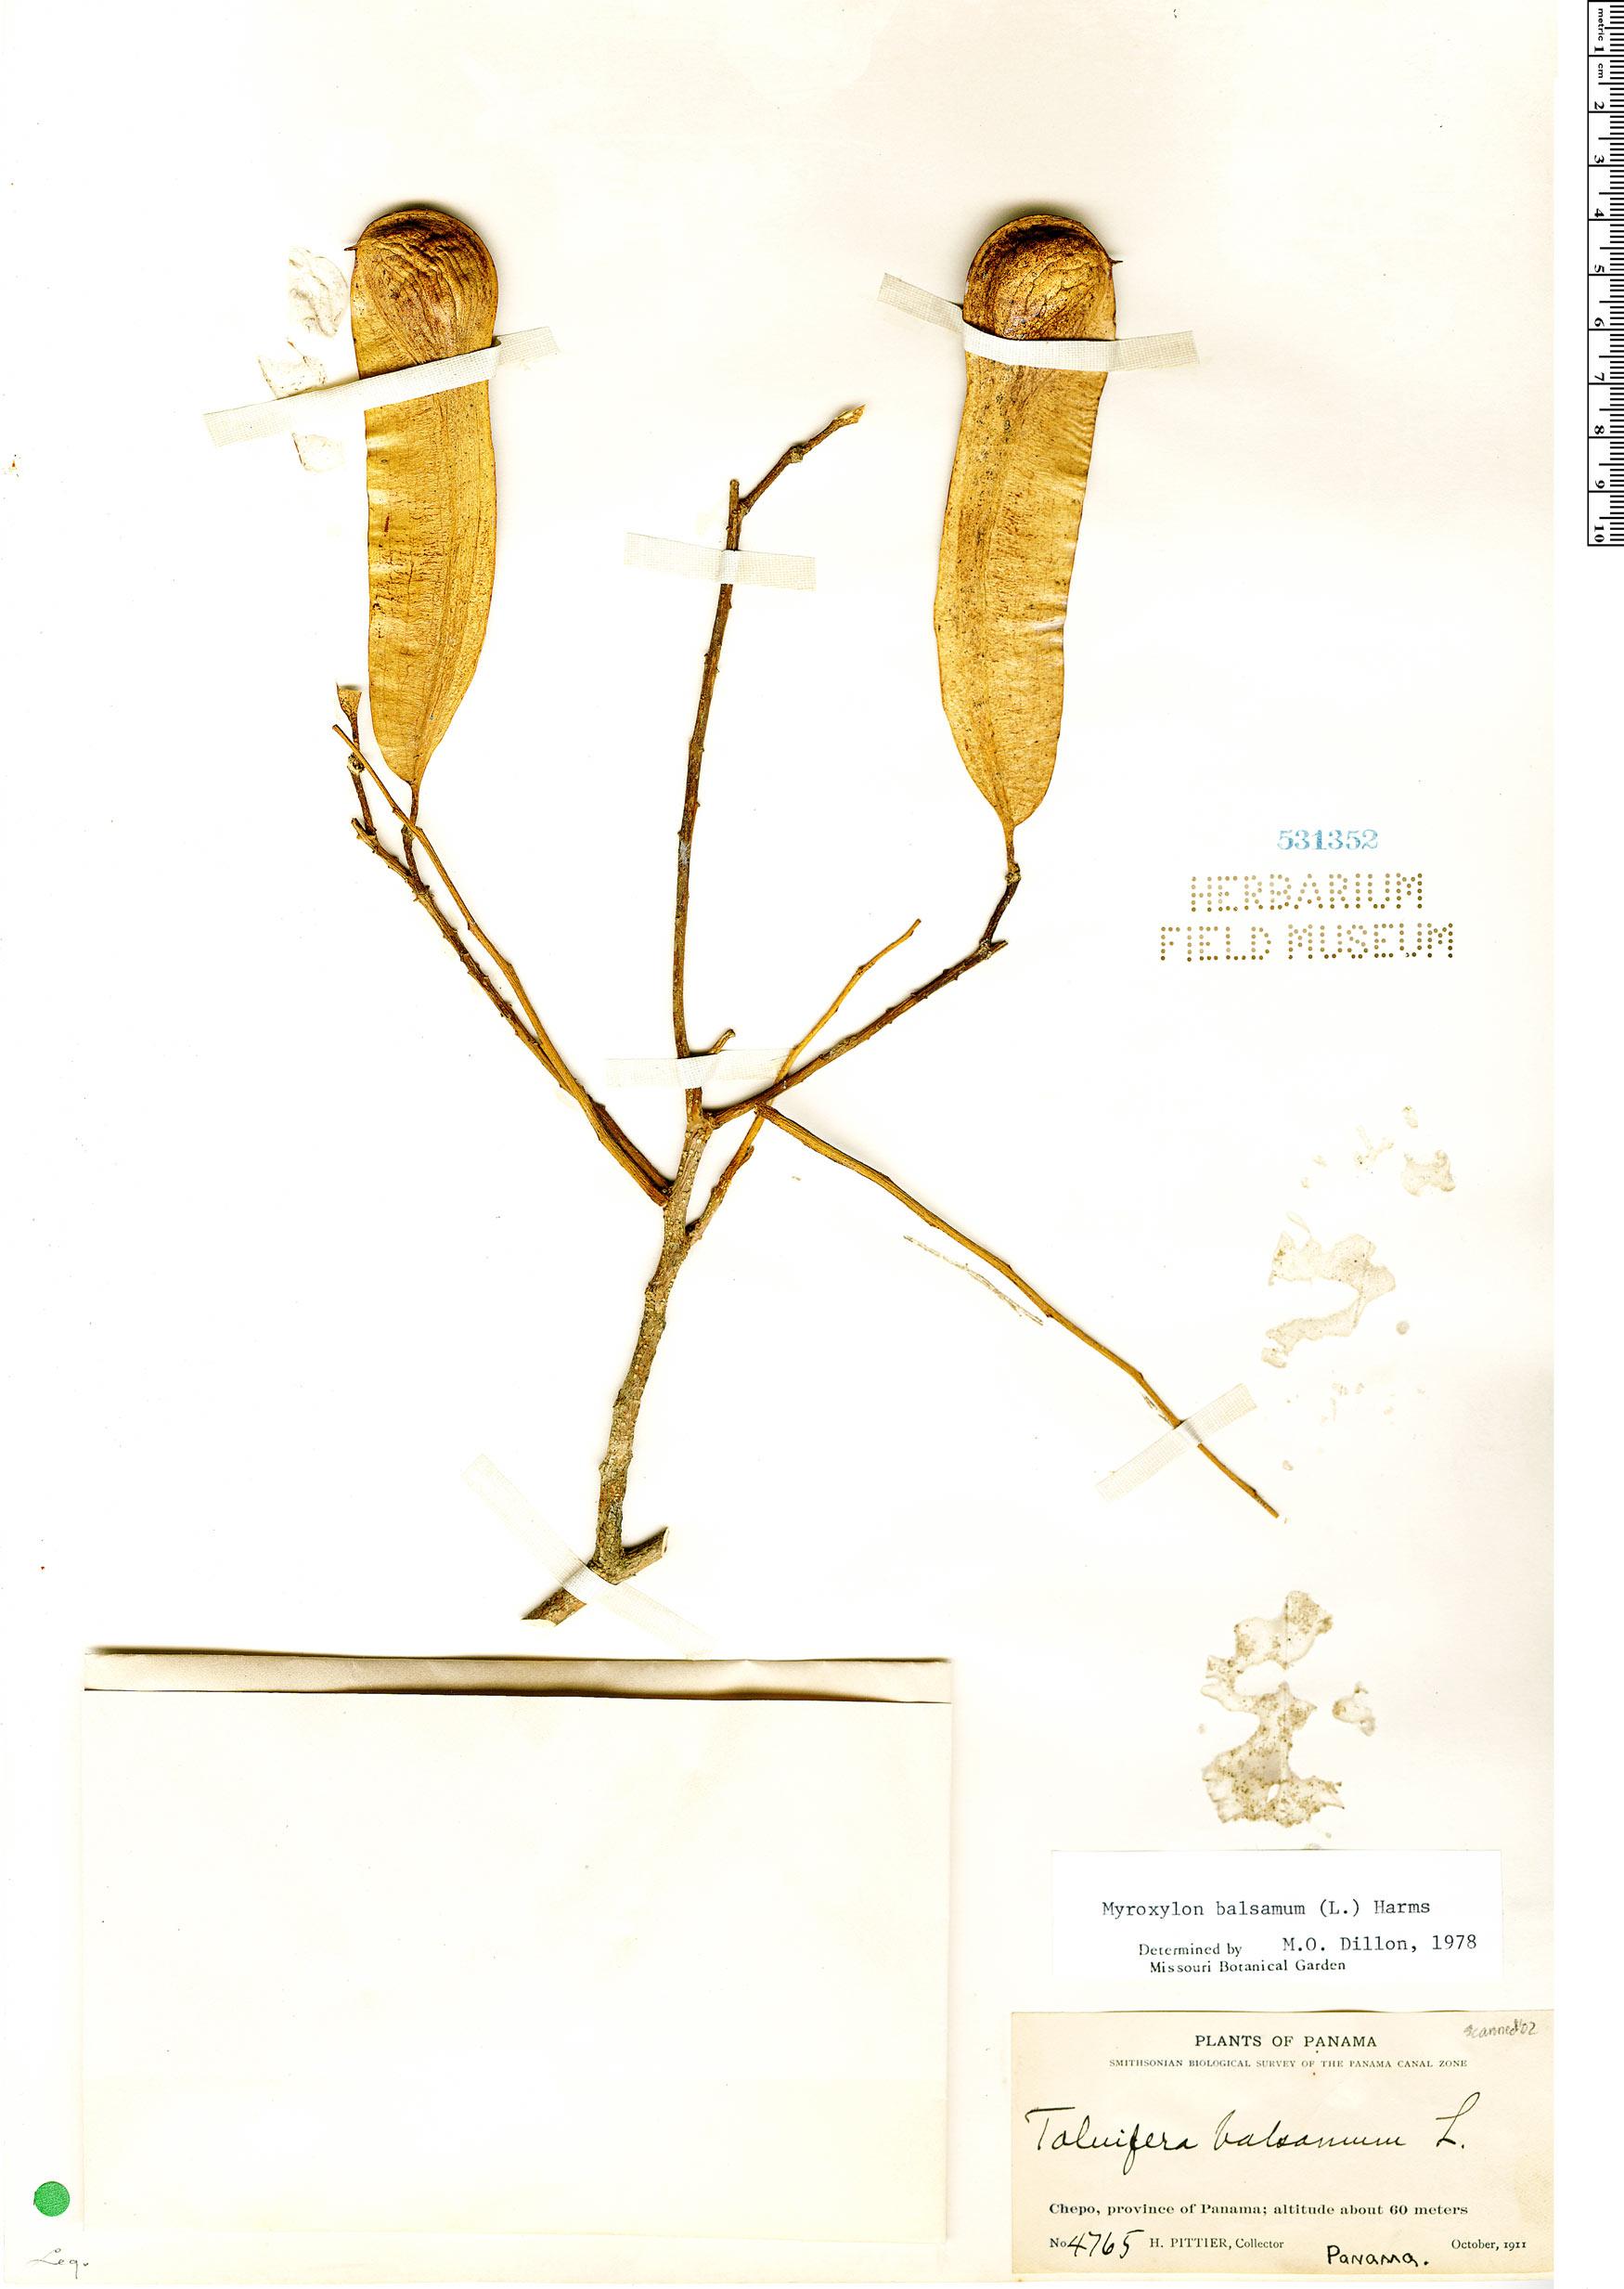 Specimen: Myroxylon balsamum